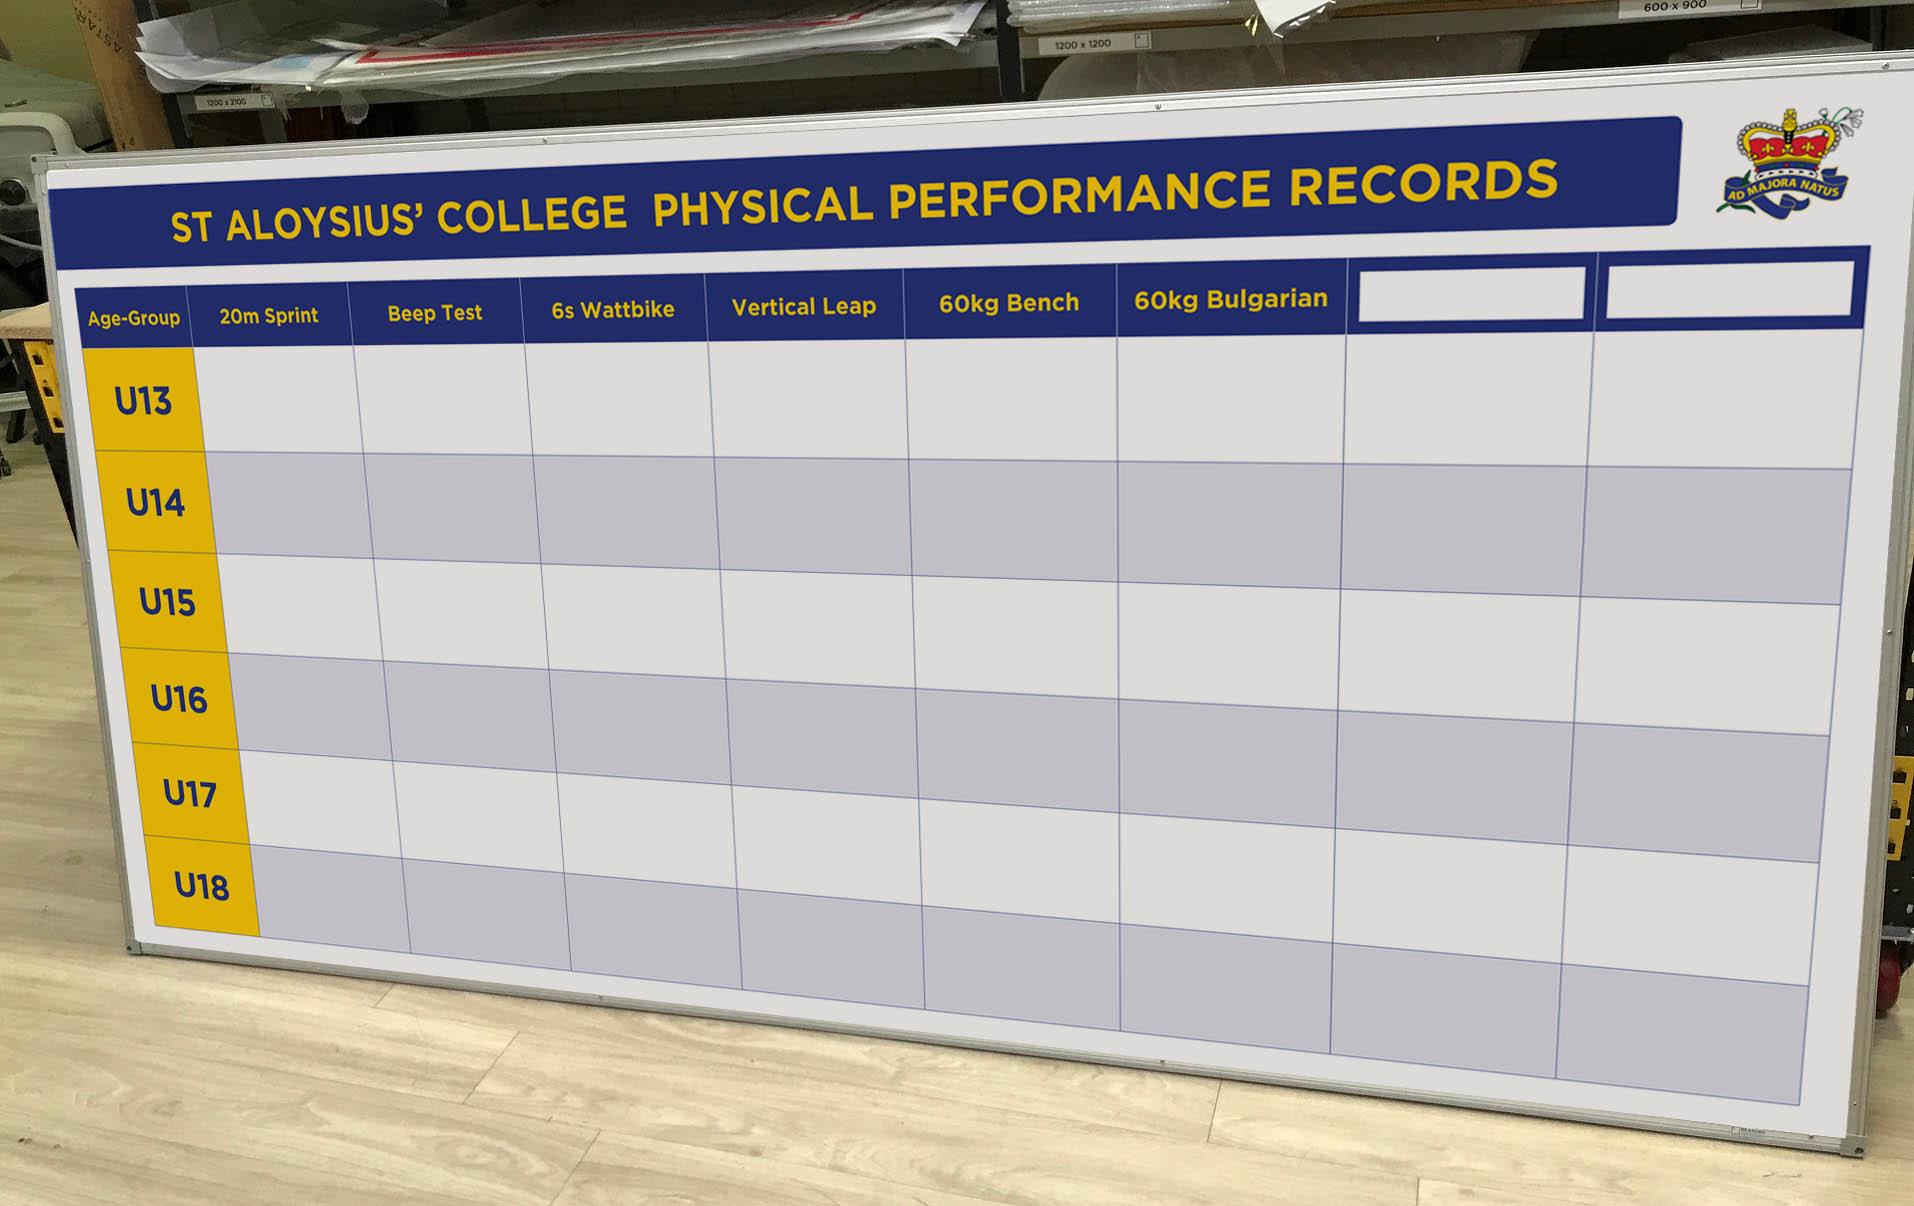 St Alloysius Sports Record board